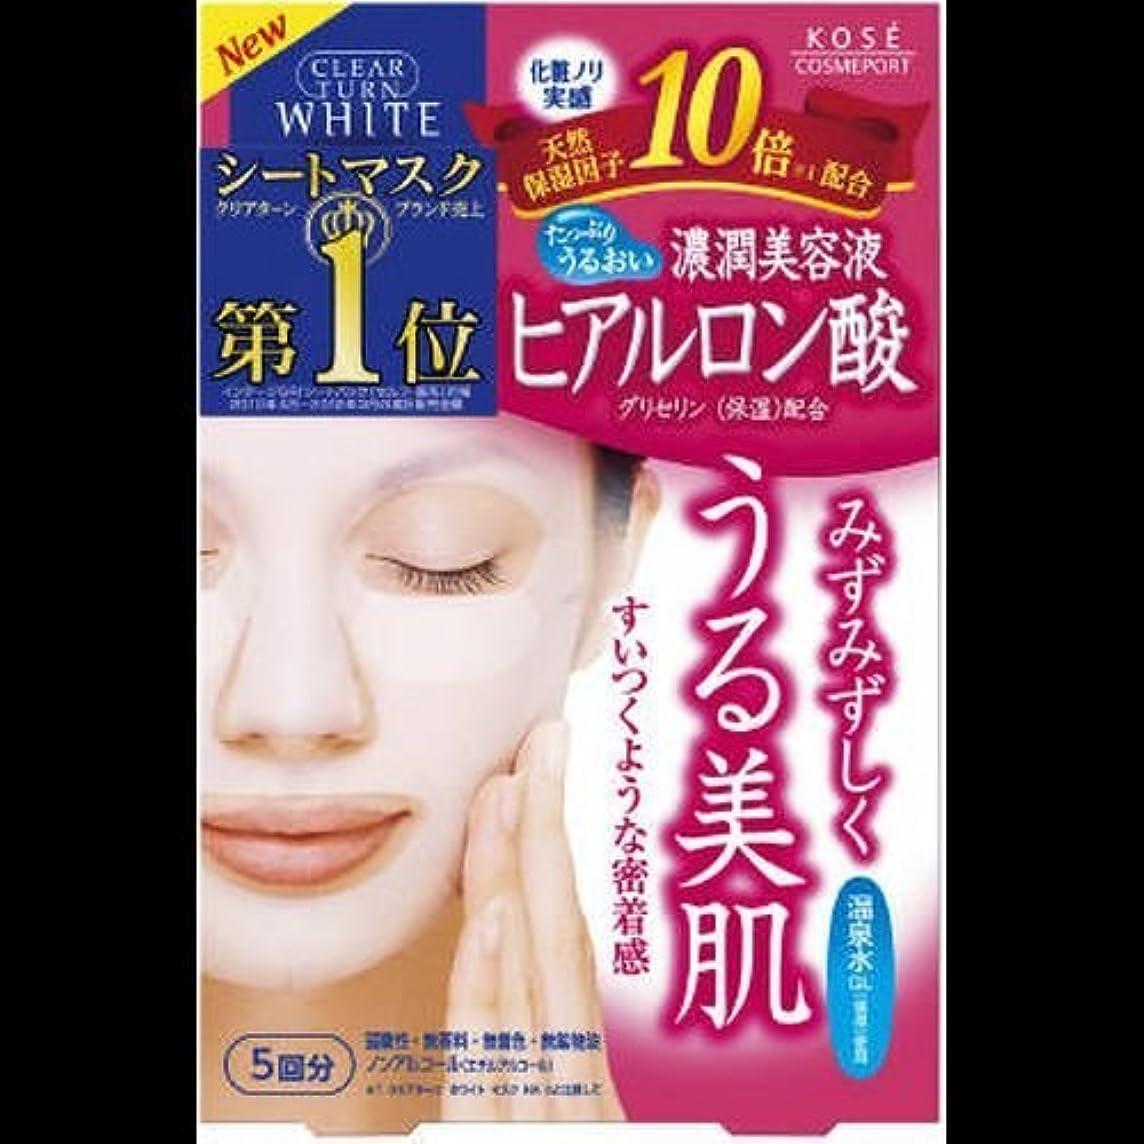 反響するターゲット満州クリアターン ホワイトマスク ヒアルロン酸 5回分 ×2セット